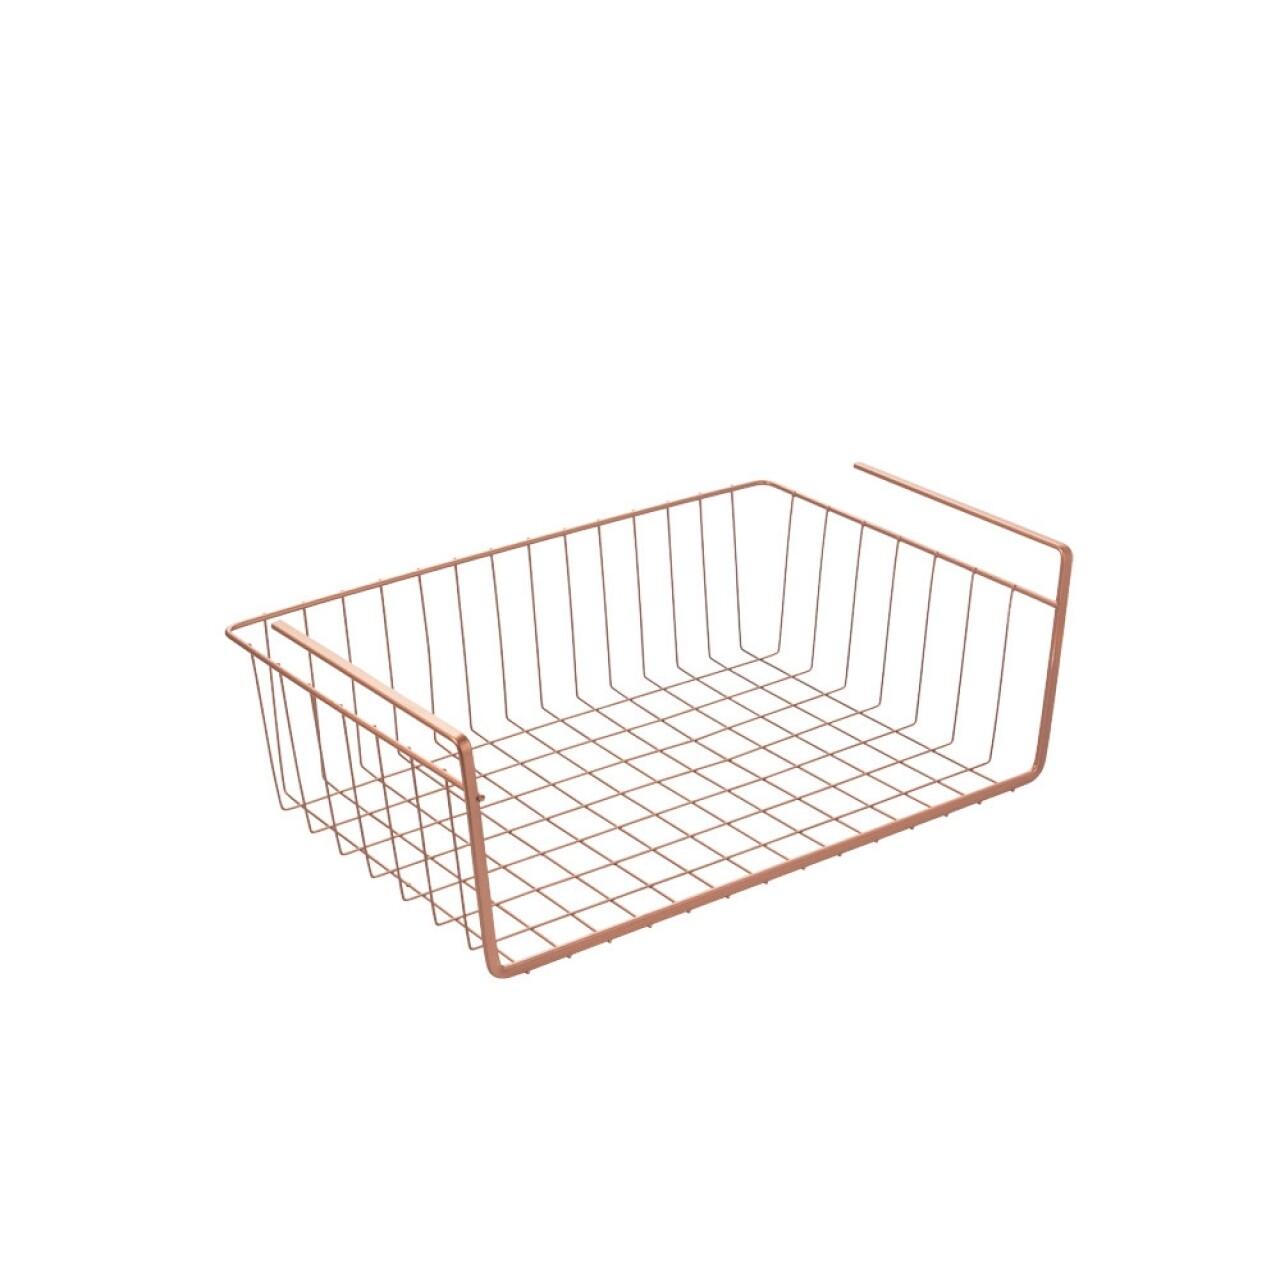 Suport depozitare pentru raft, Kanguro Copper, Metaltex, 14 x 26 x 40 cm, inox/invelis Polytherm, cupru